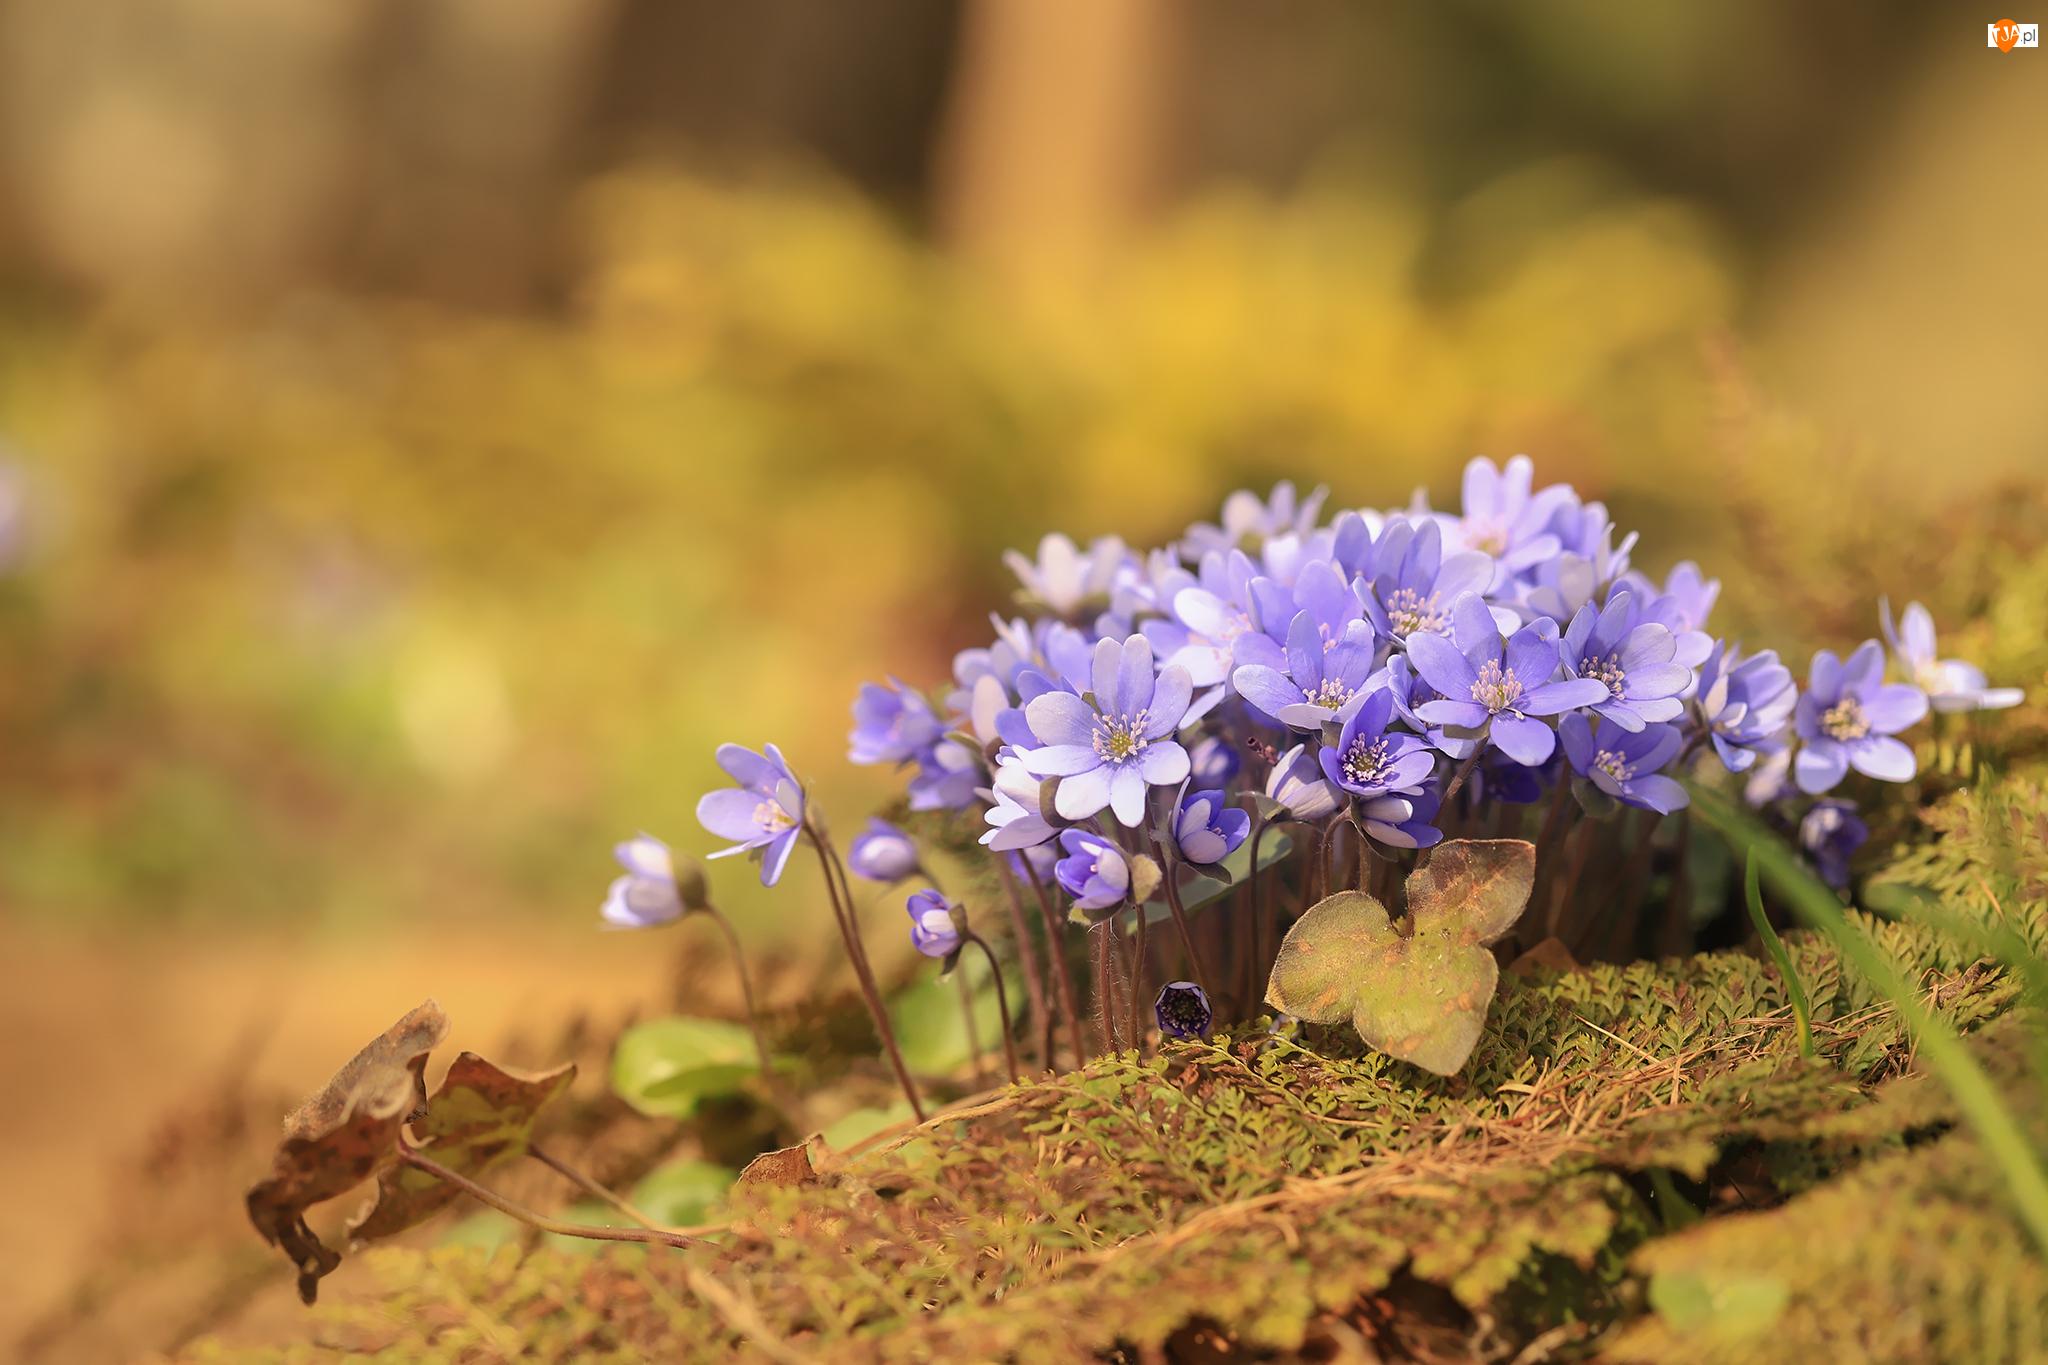 Kępka, Przylaszczki, Liliowe, Kwiaty